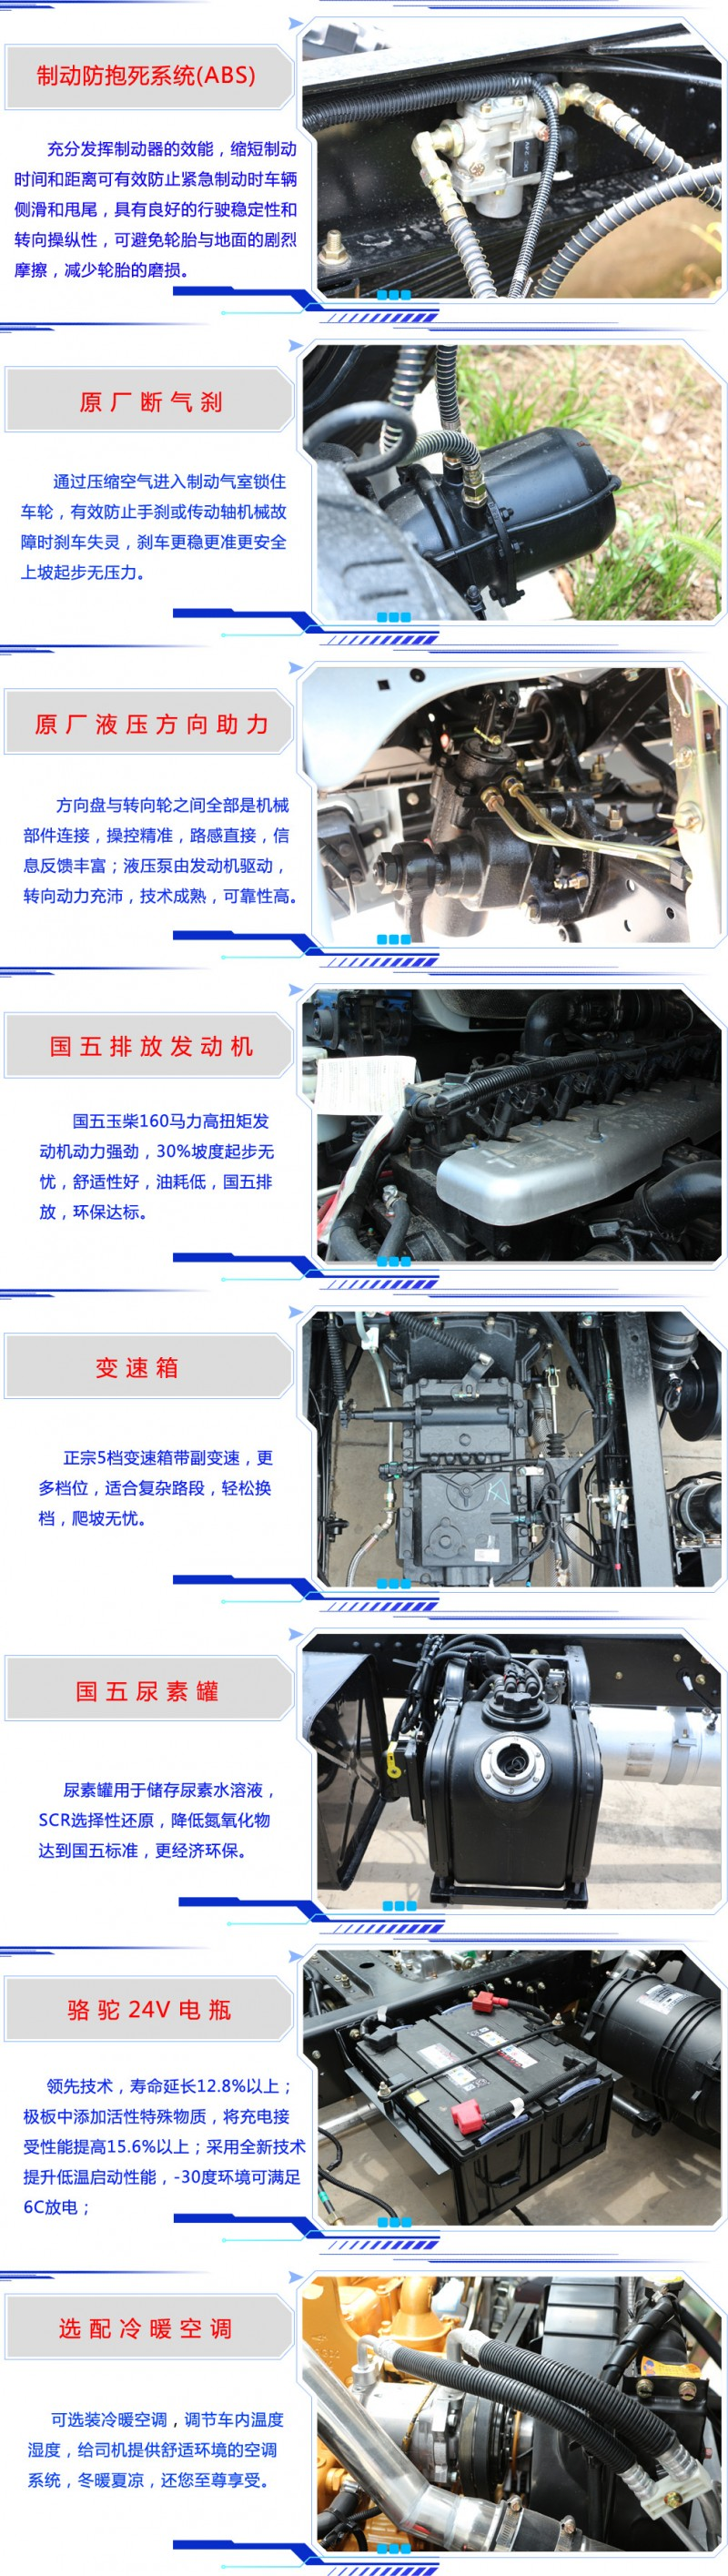 东风御虎12吨洒水车底盘细节描述